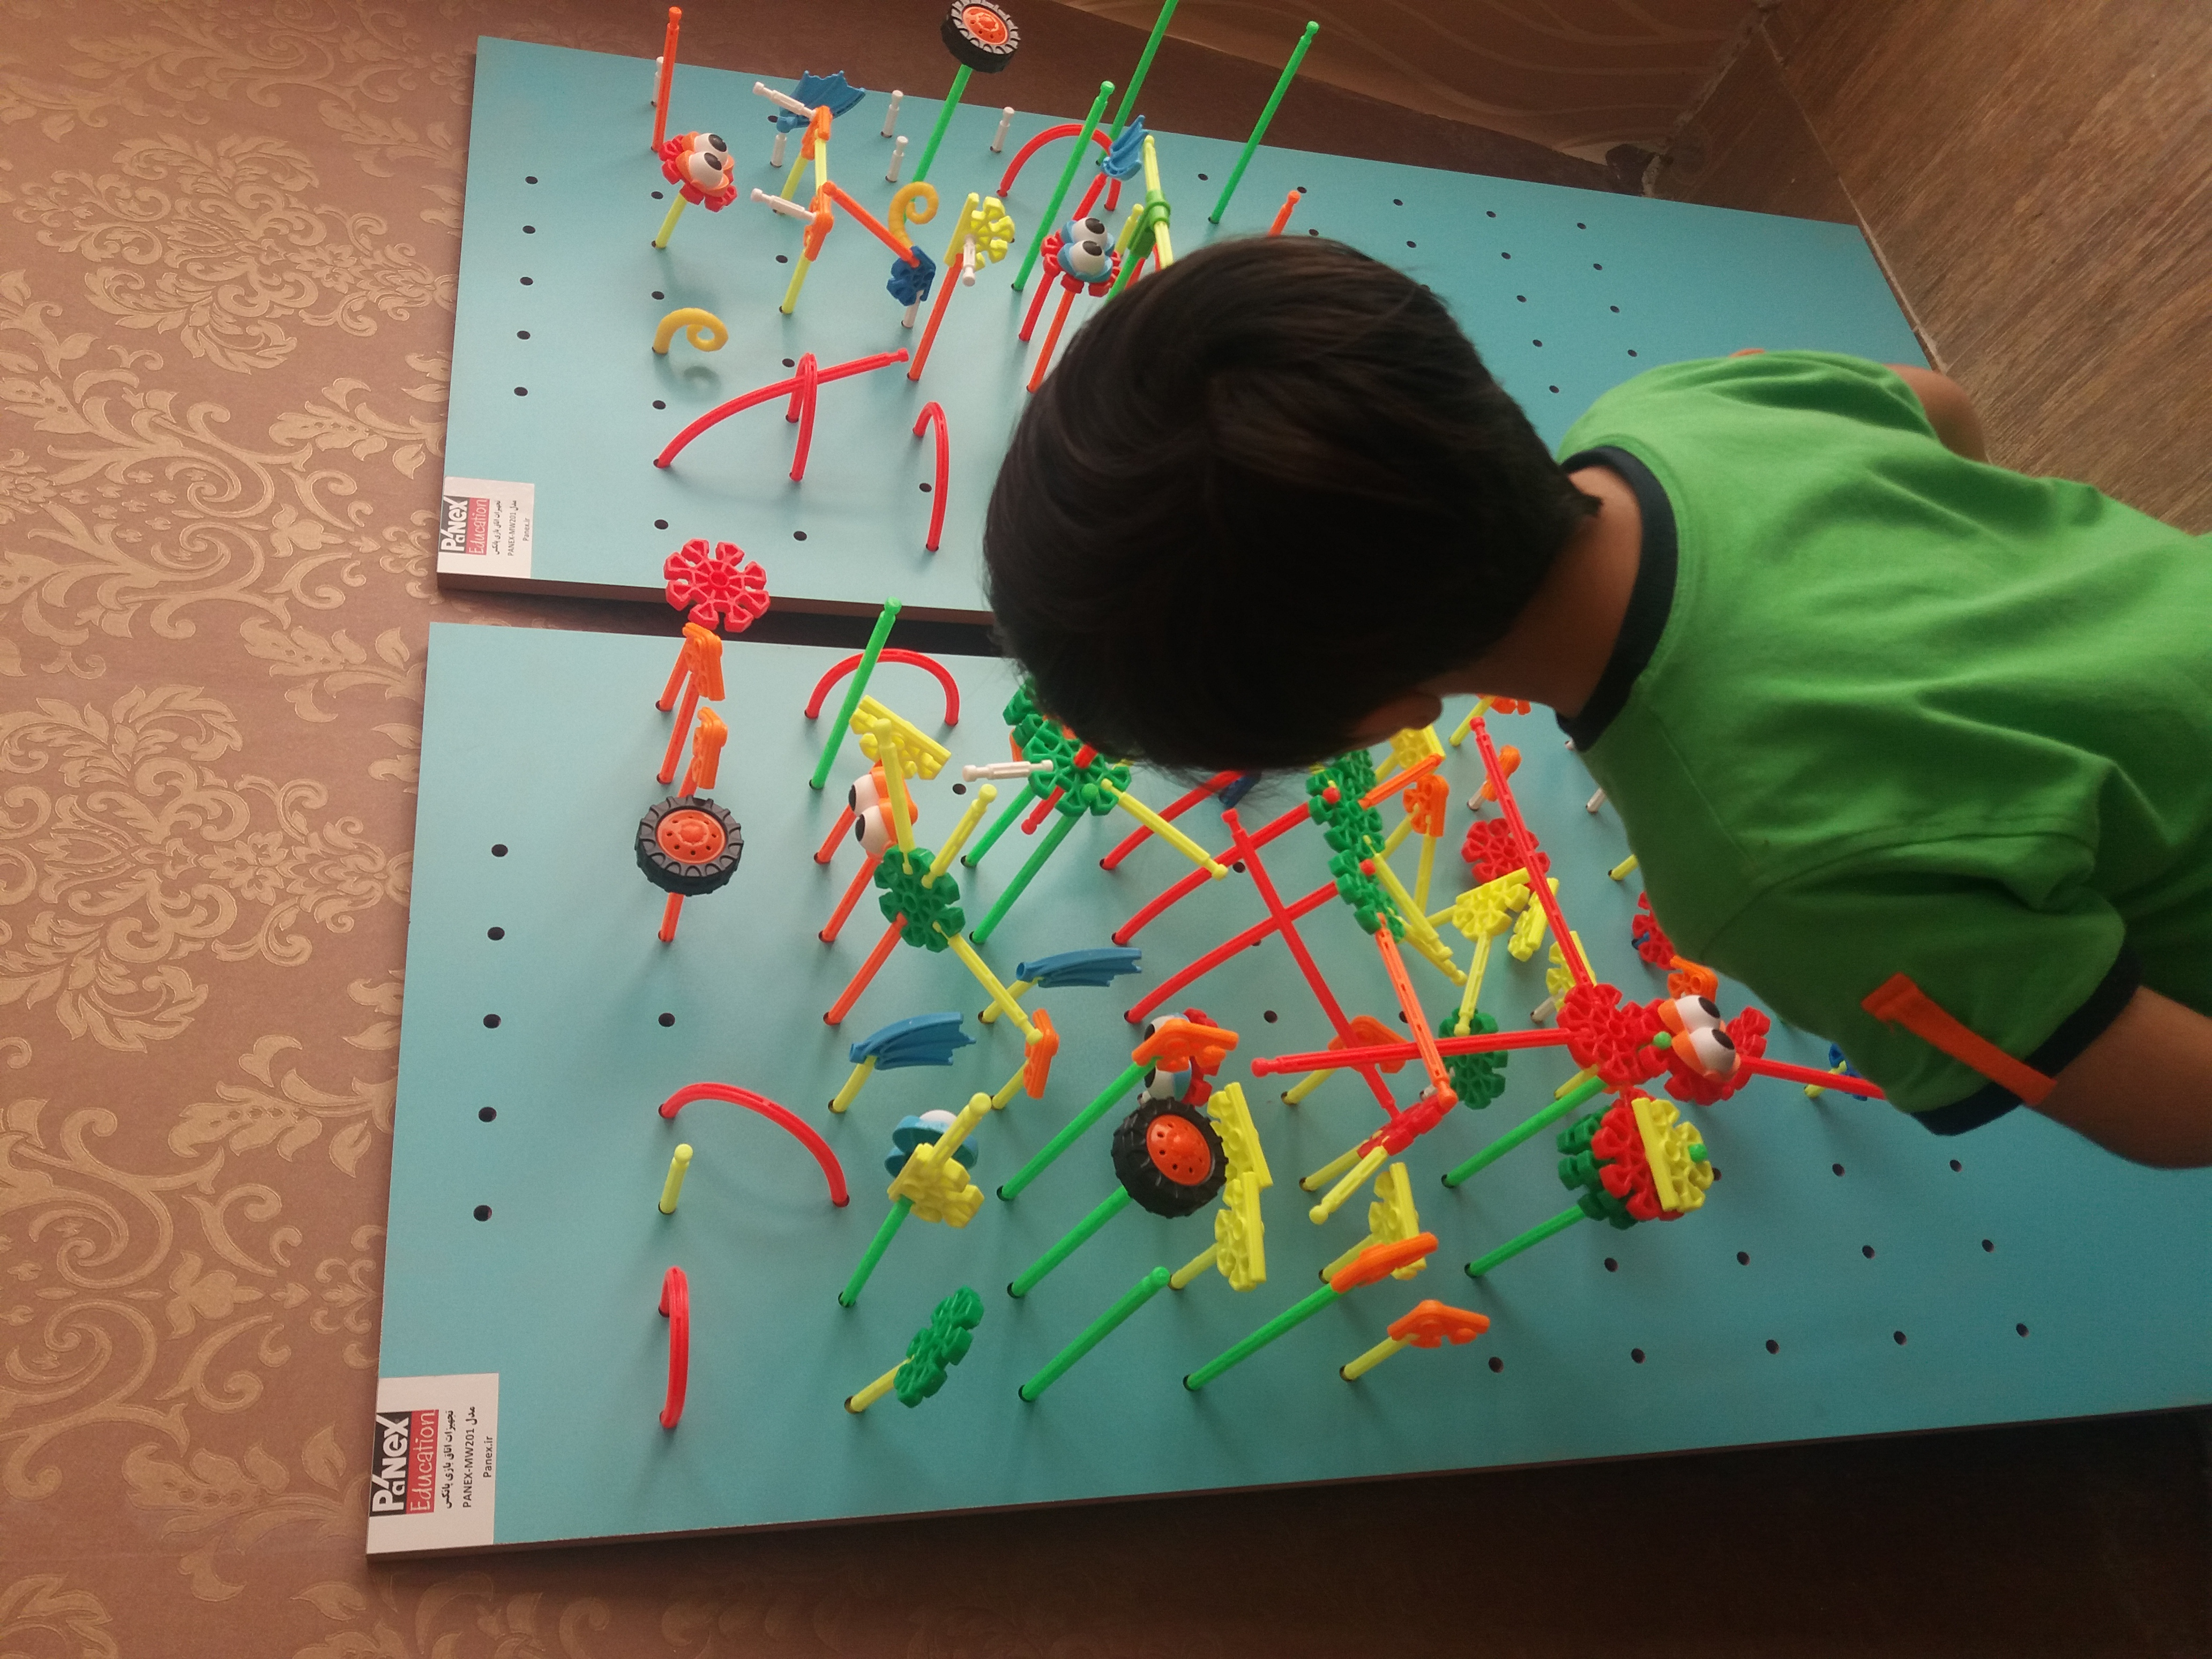 تجهیزات اتاق بازی - مهندسی خلاقیت